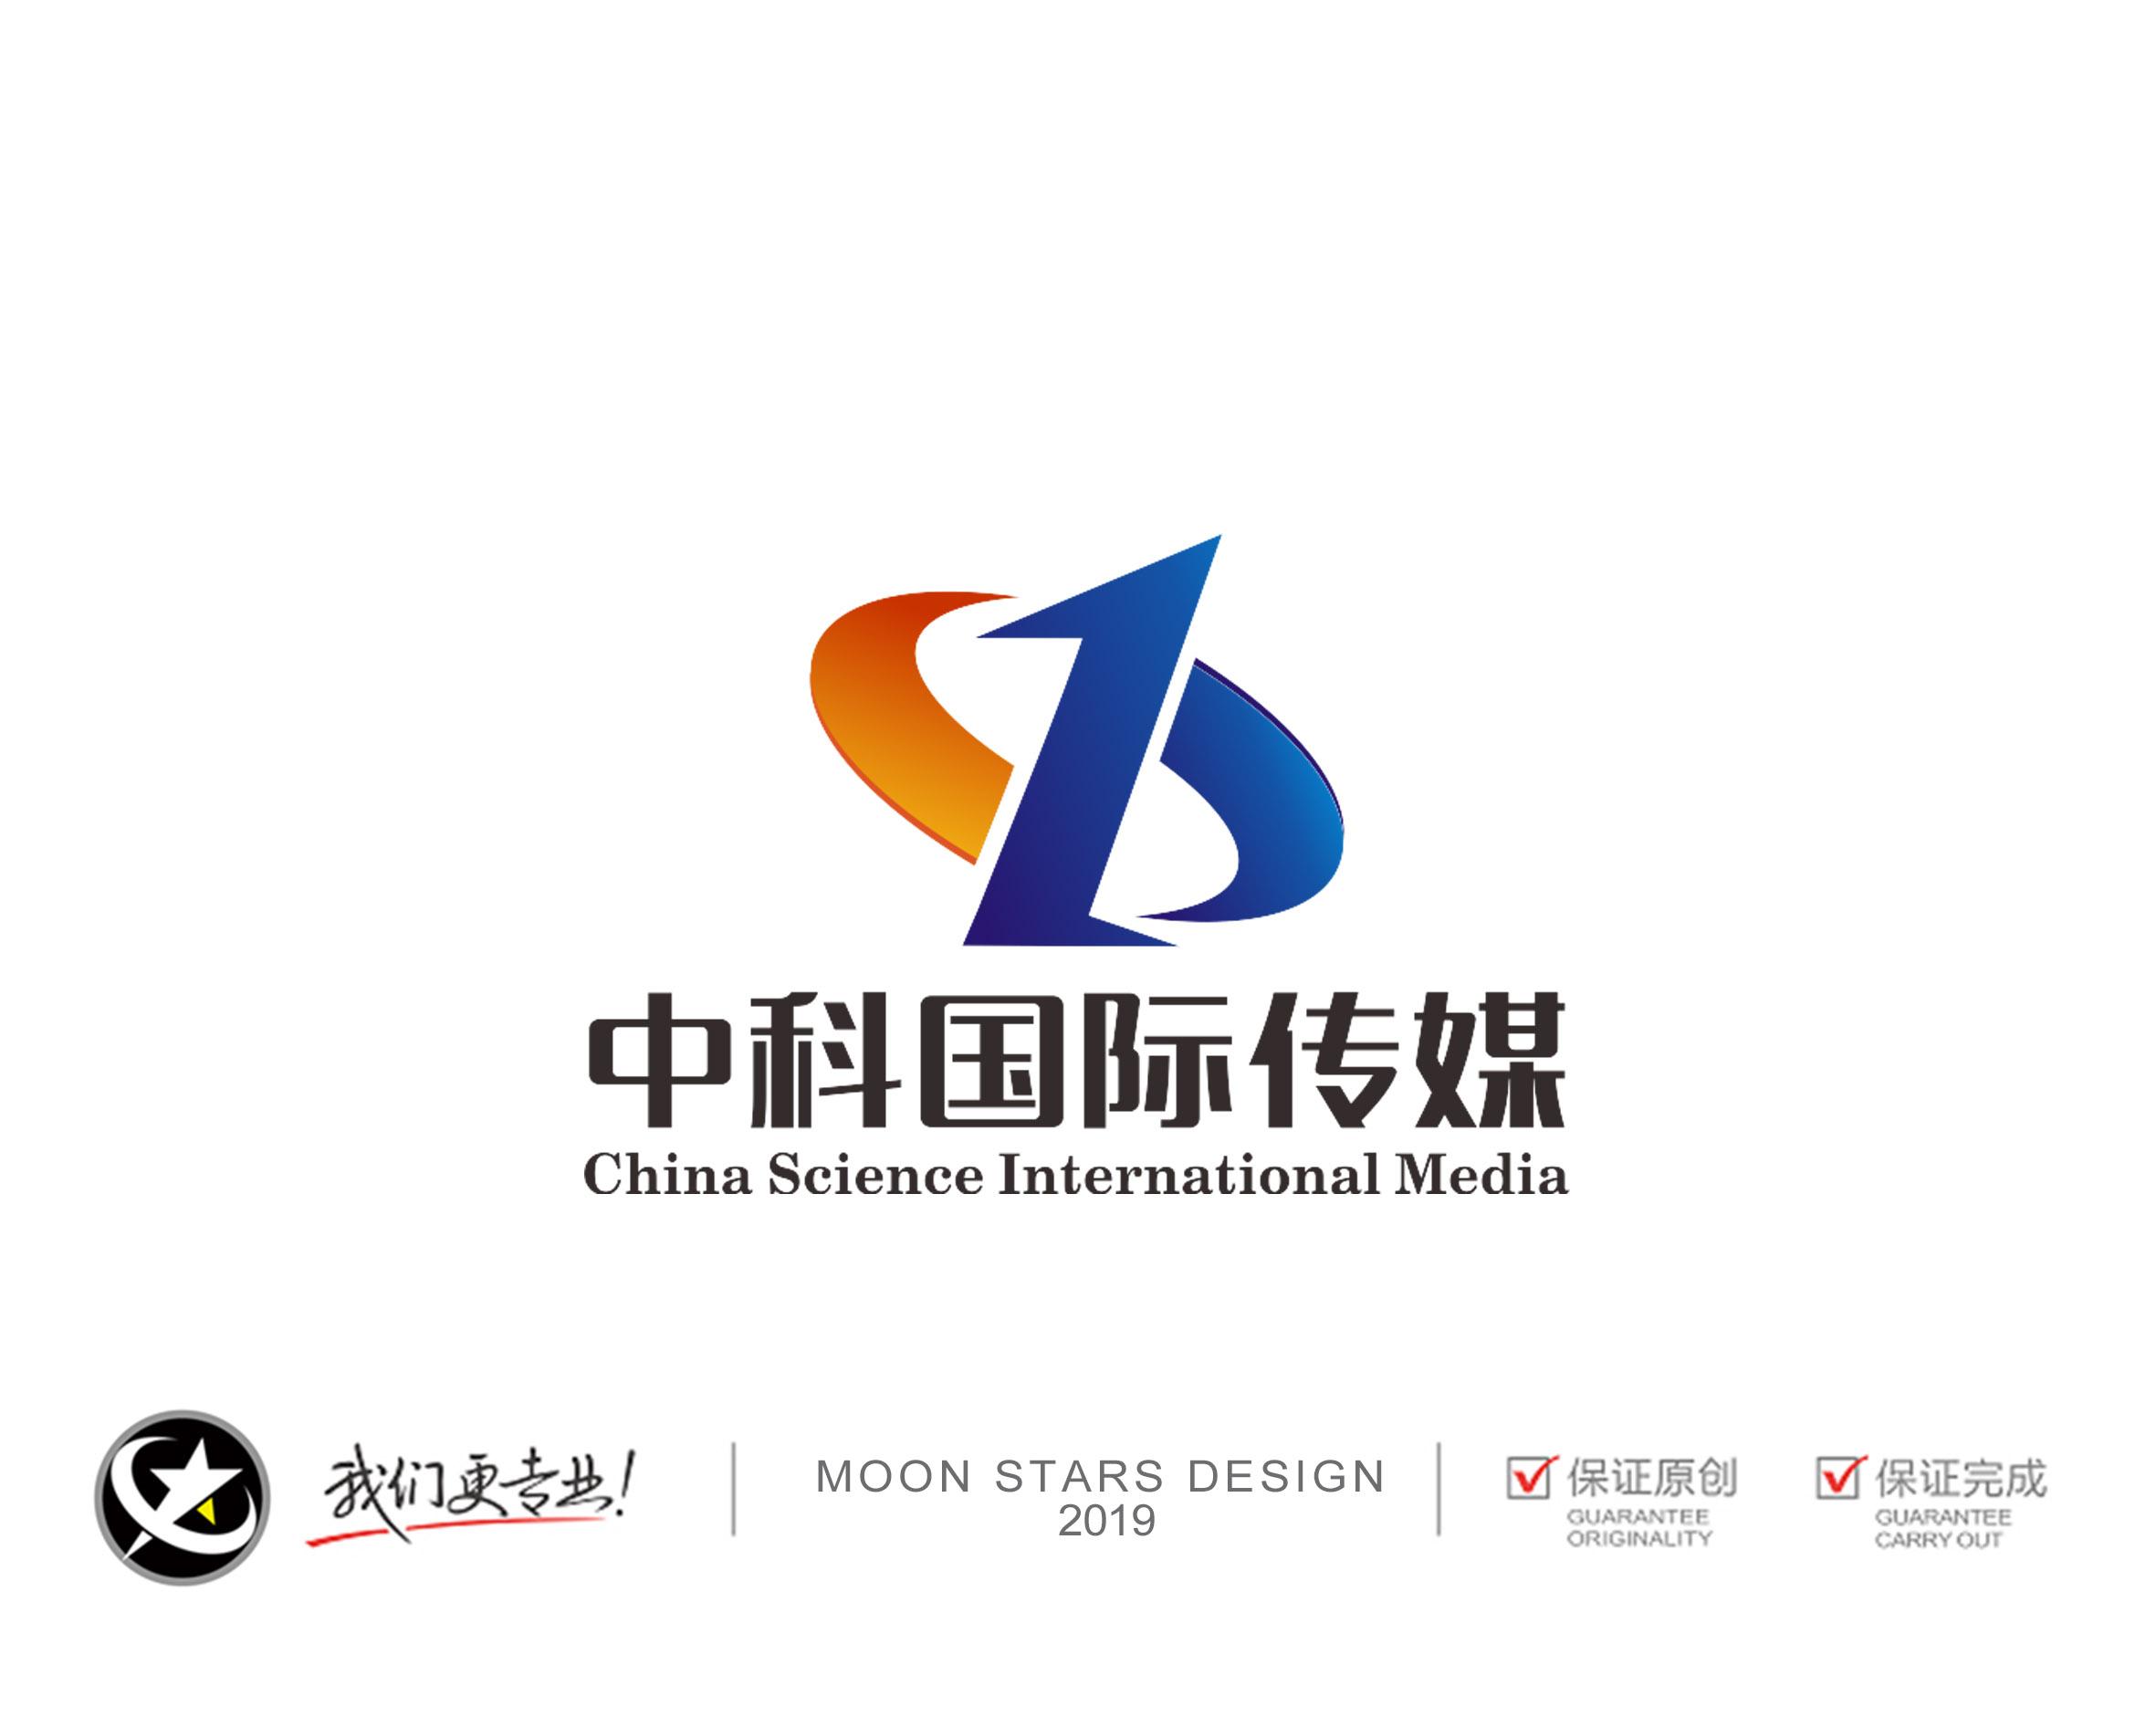 中英文LOGO 设计_3025685_k68威客网